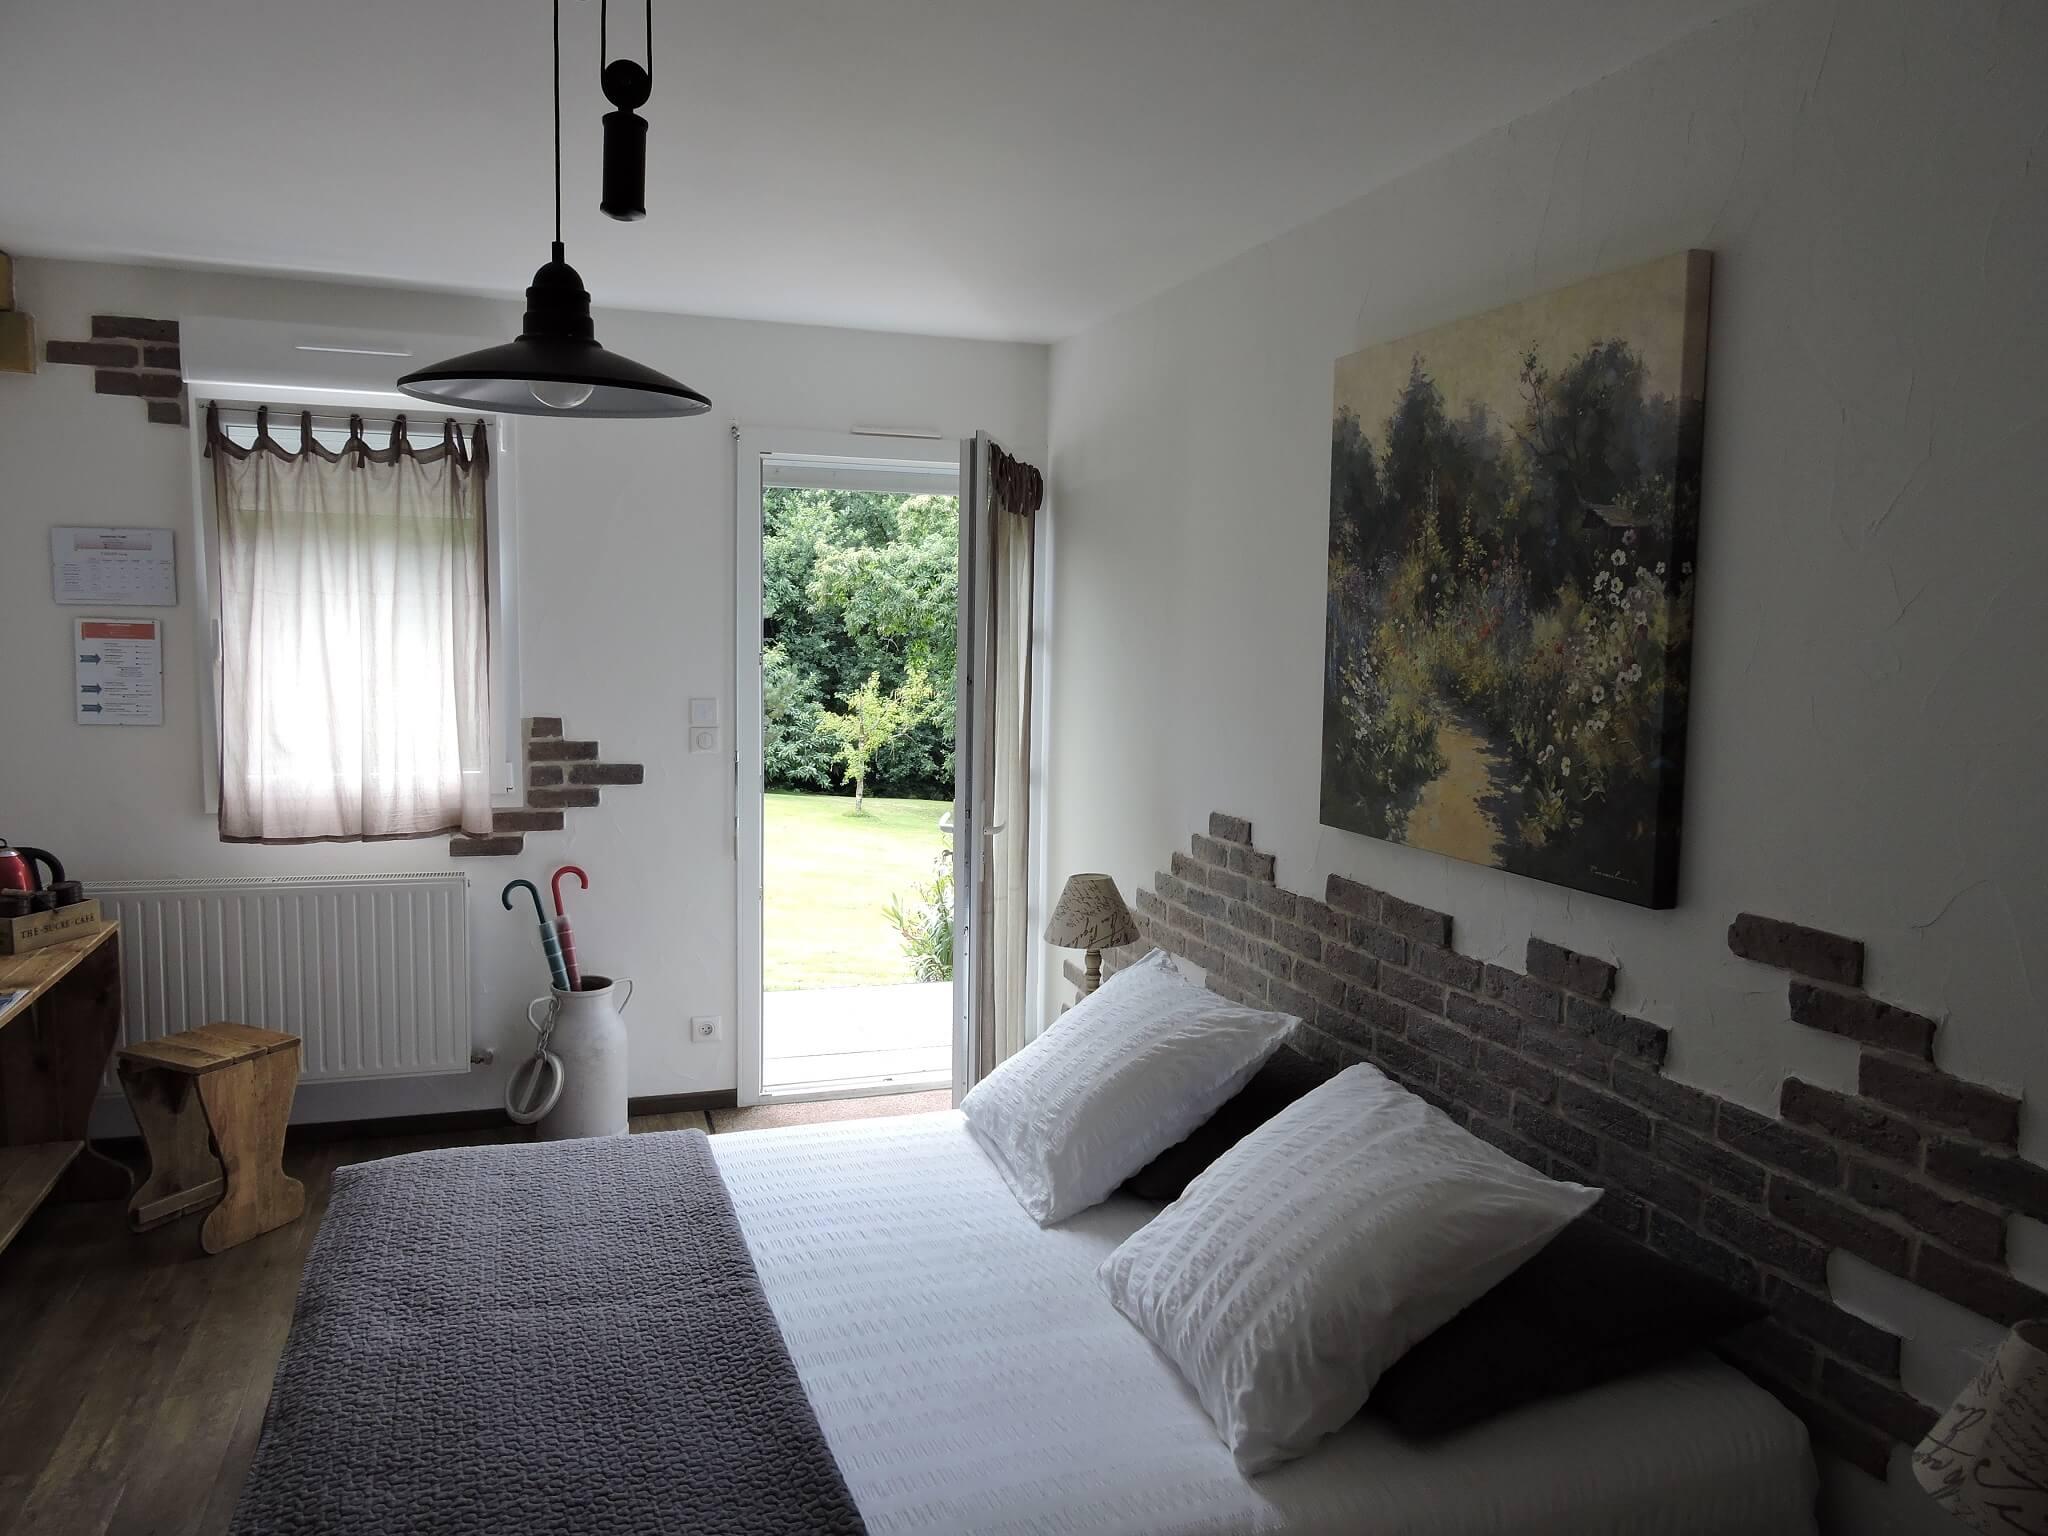 Dormir au logis du parc: maison d'hotes en vendée